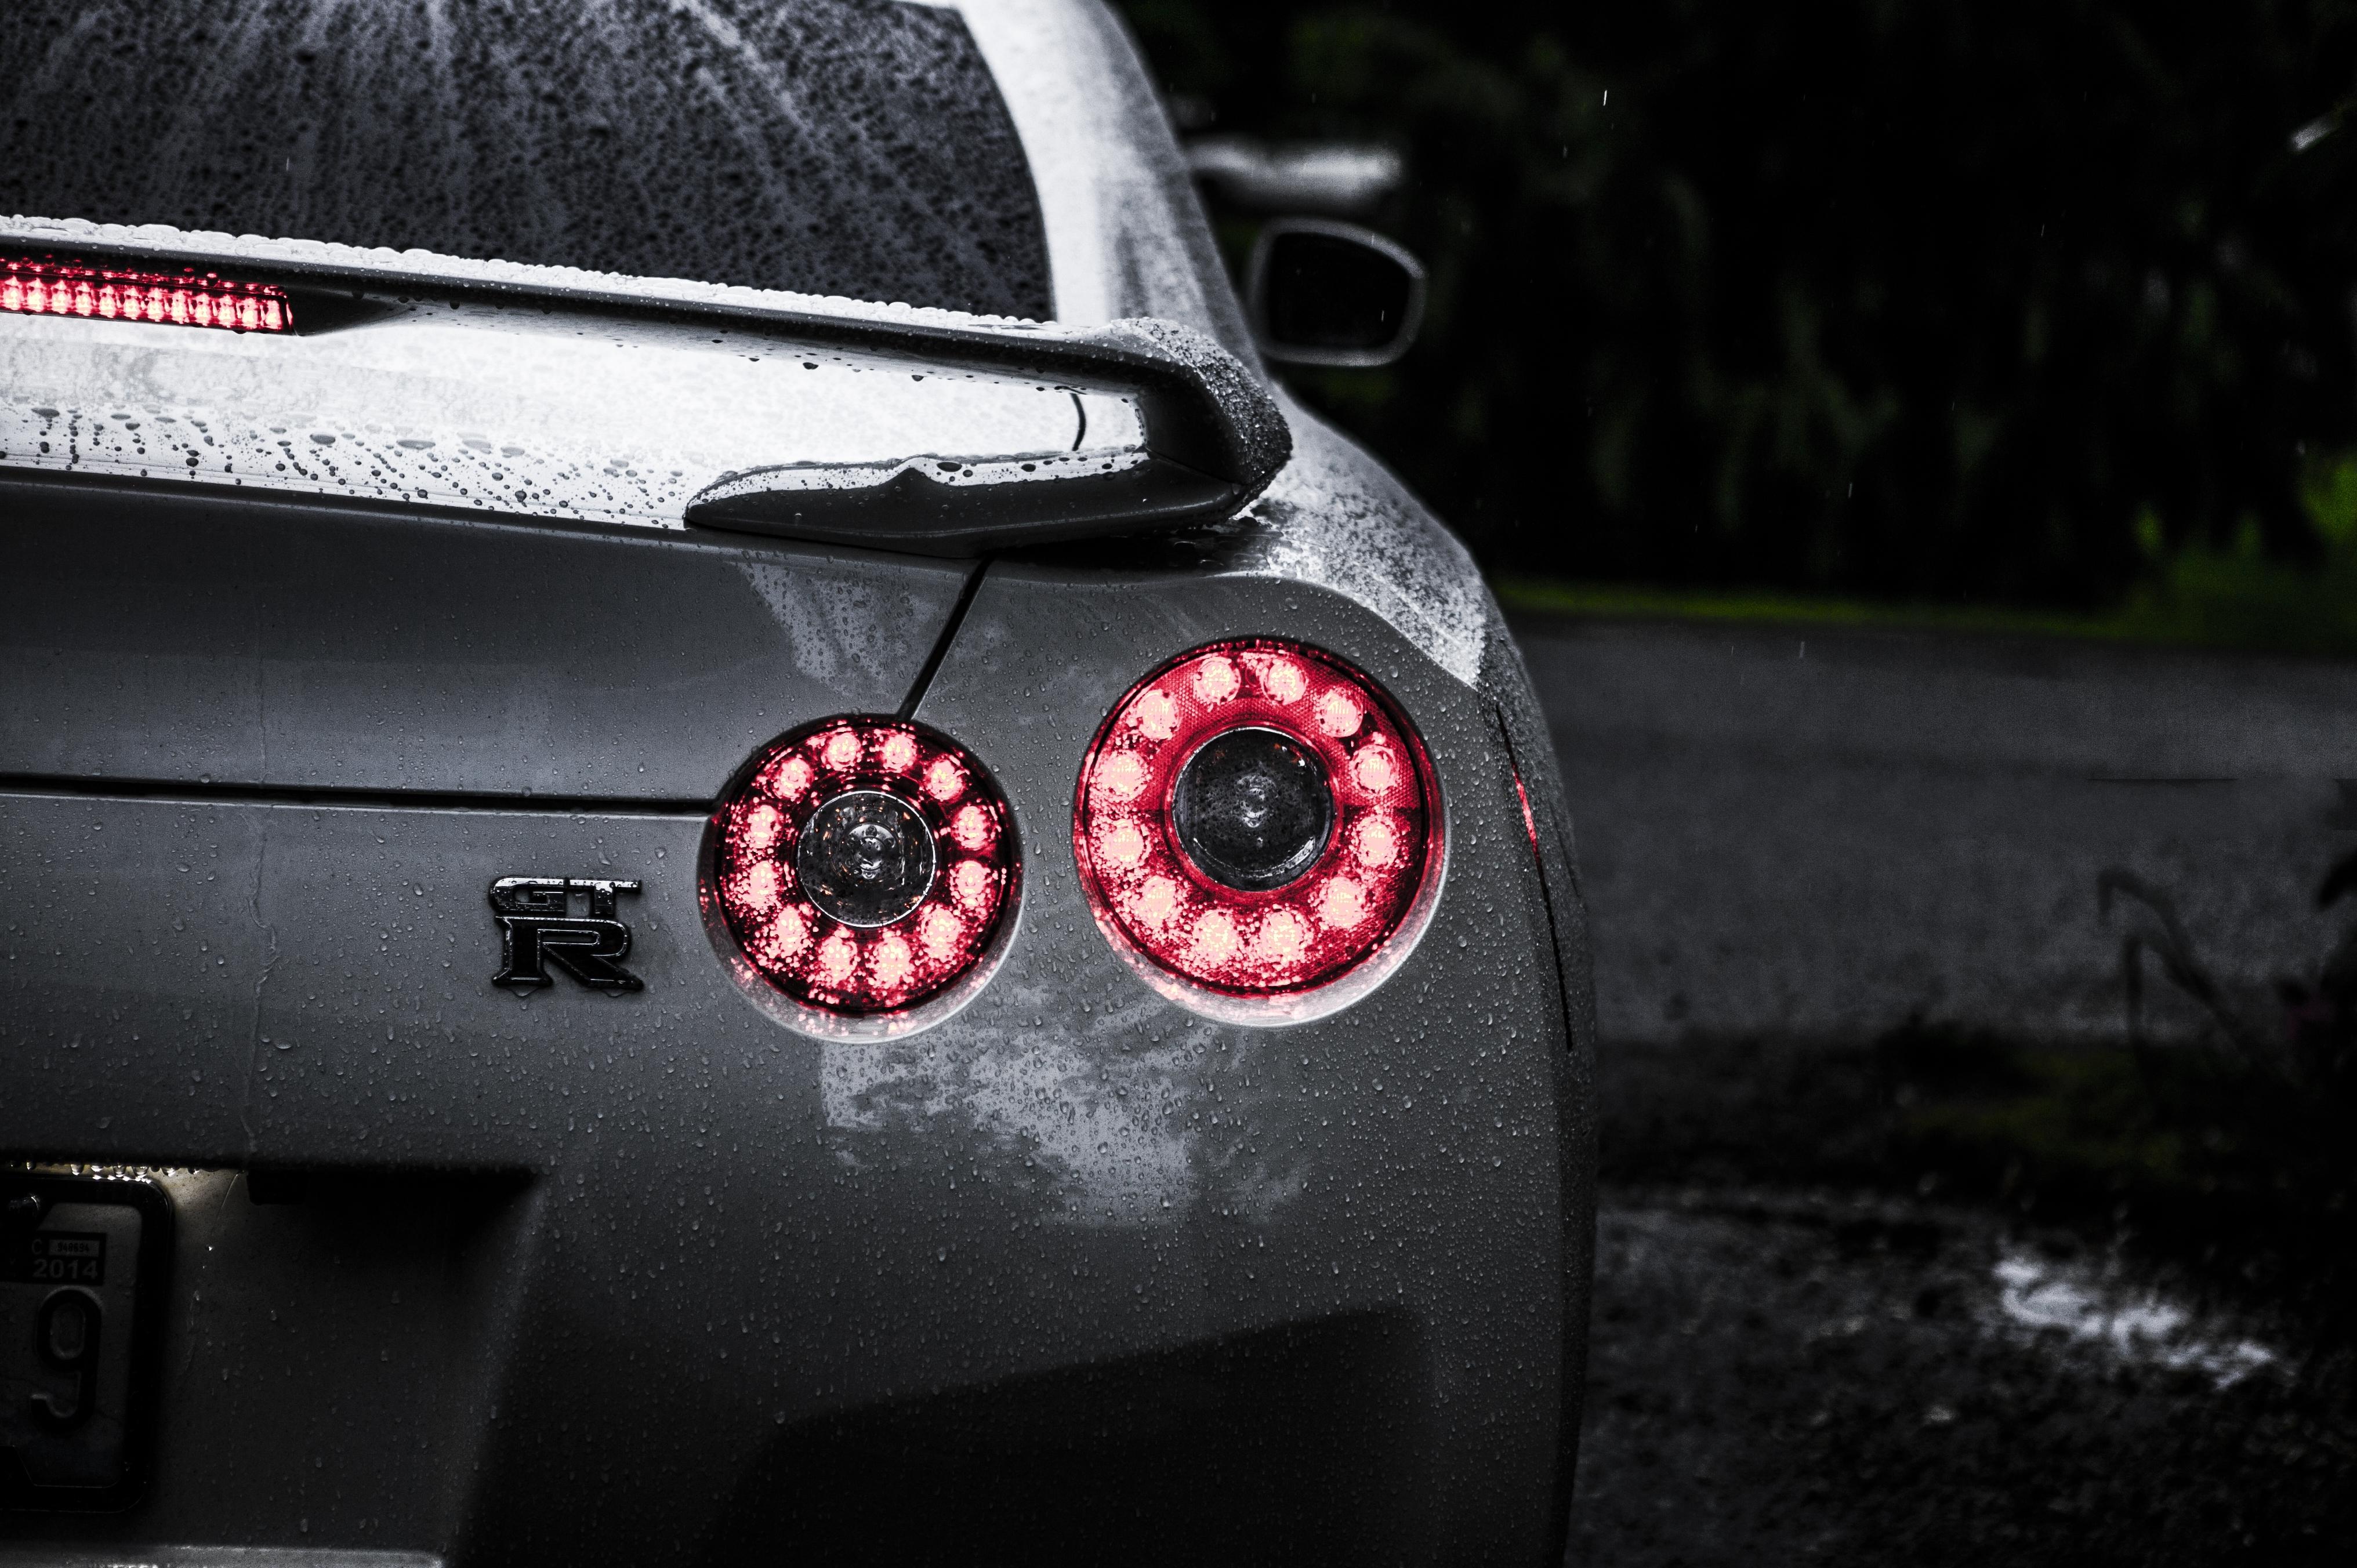 Nissan дорога фонарь  № 2378309 без смс